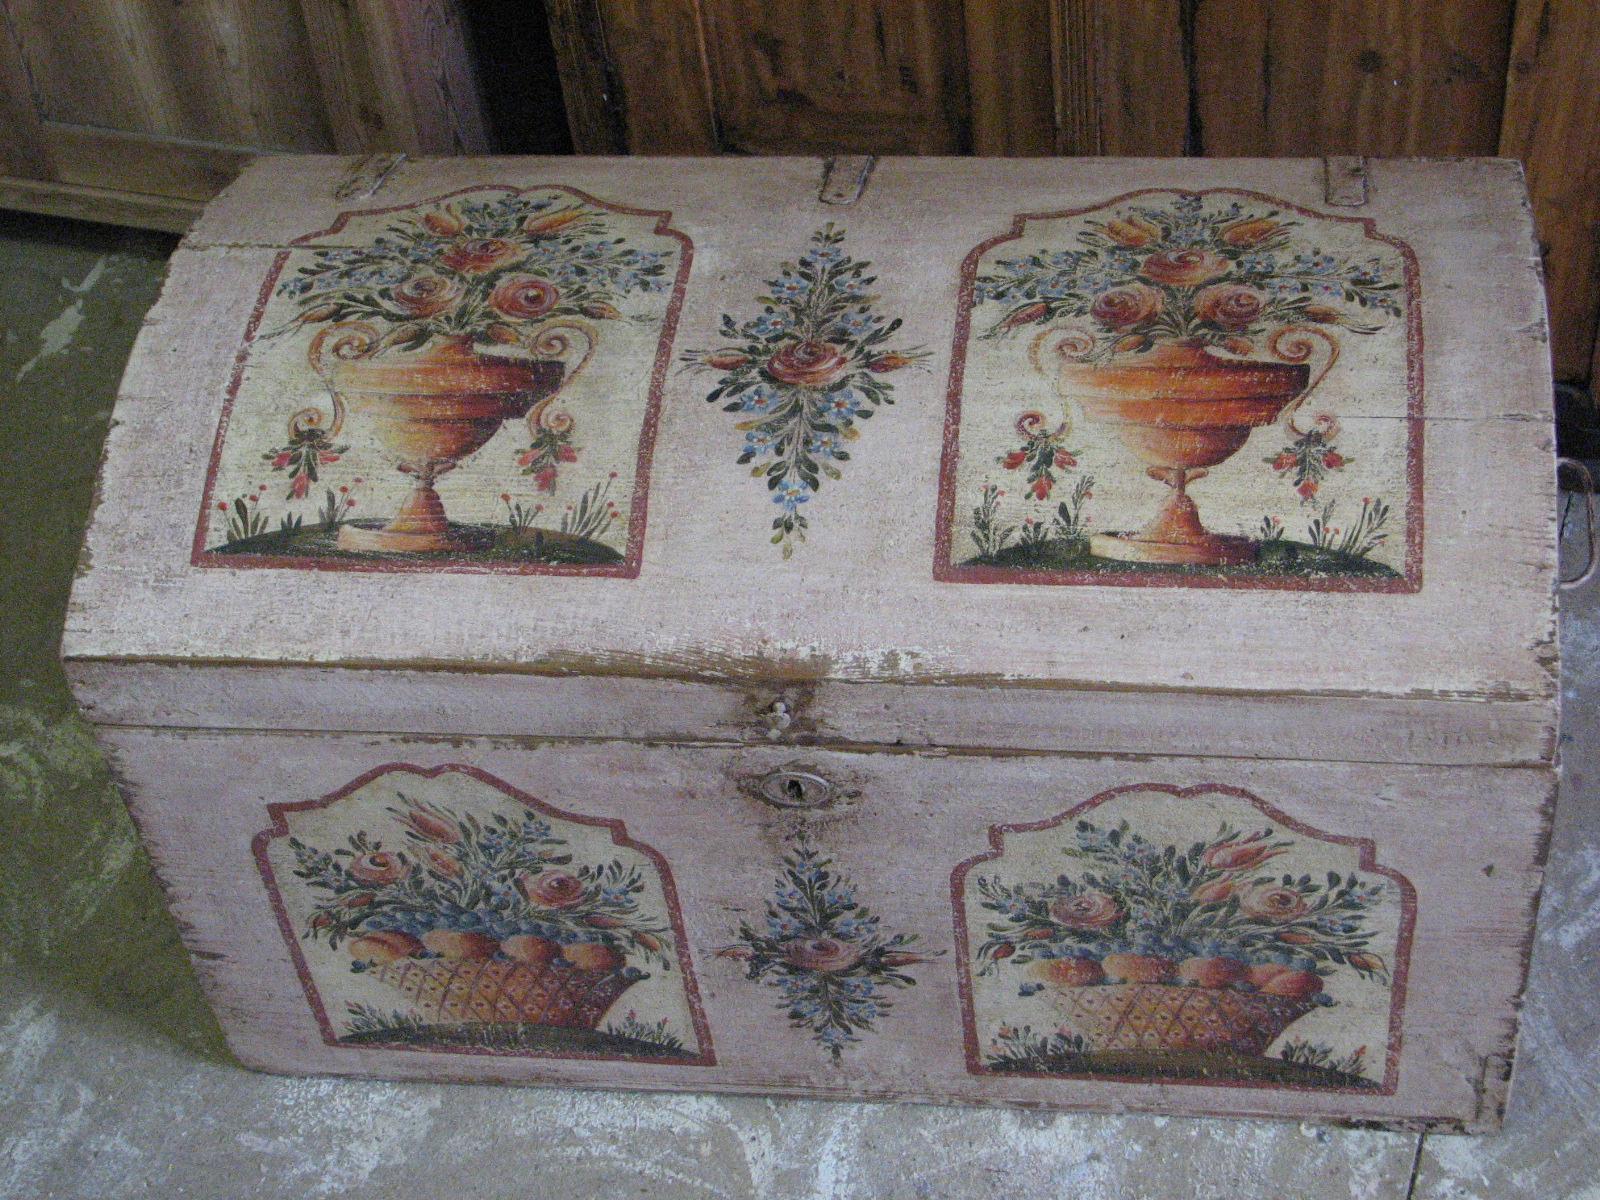 Malovaná truhla v růžové barvě s květinami a košíkem s ovocem 2